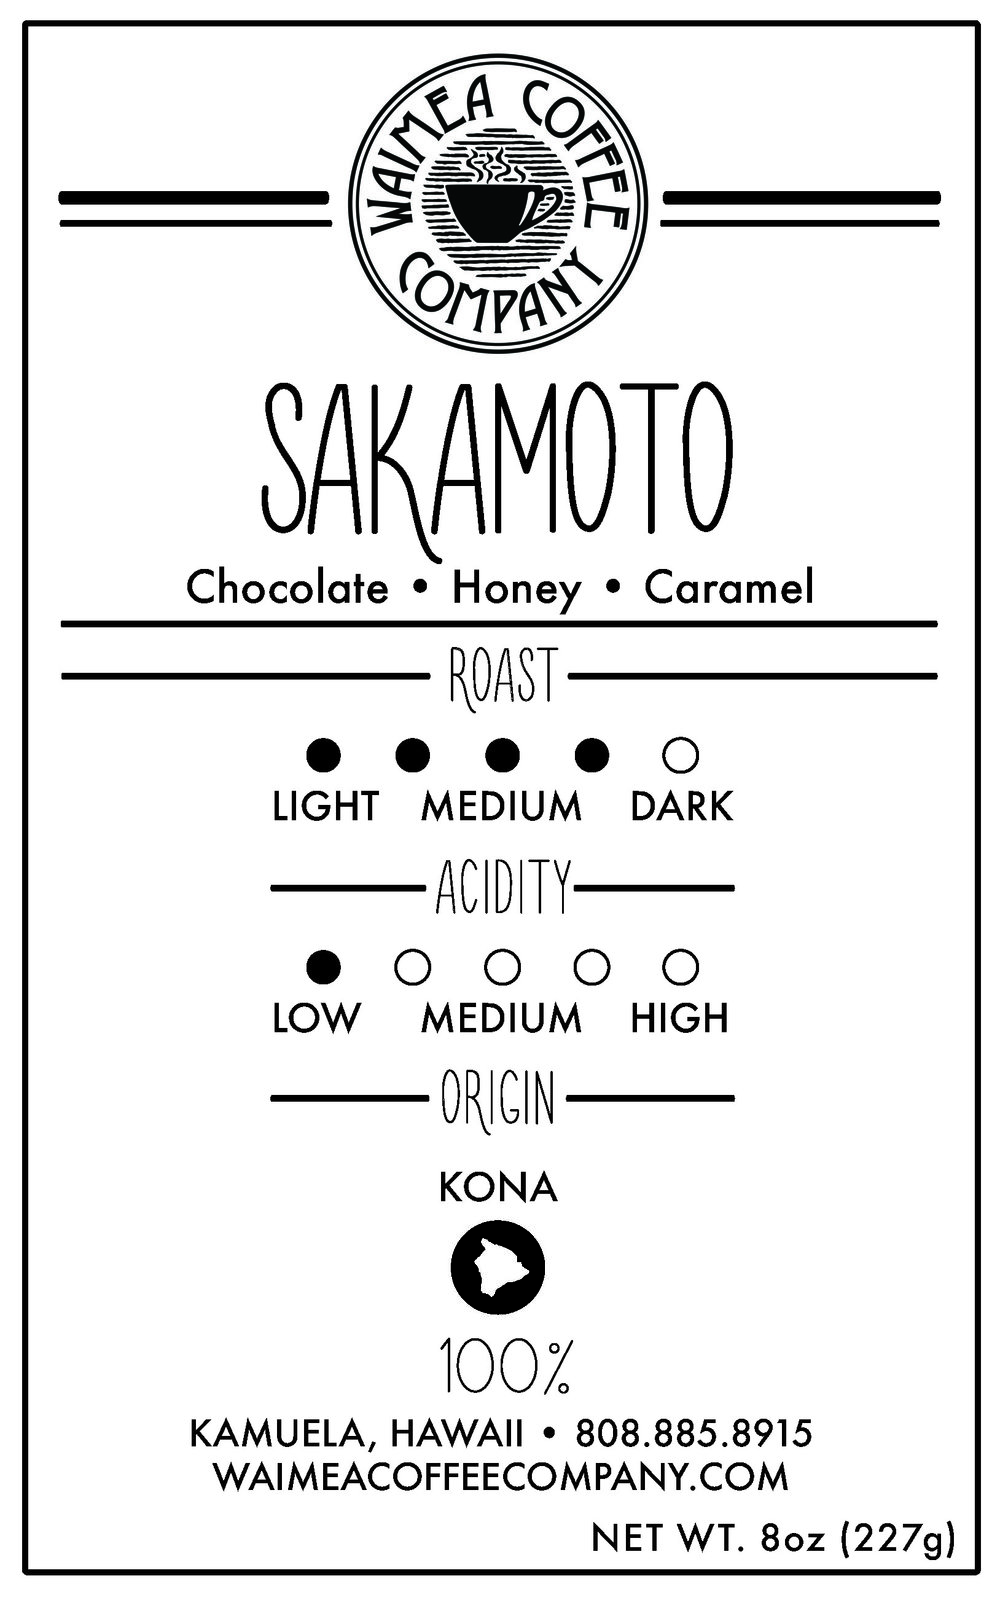 WCC_Sakamoto_8oz.jpg